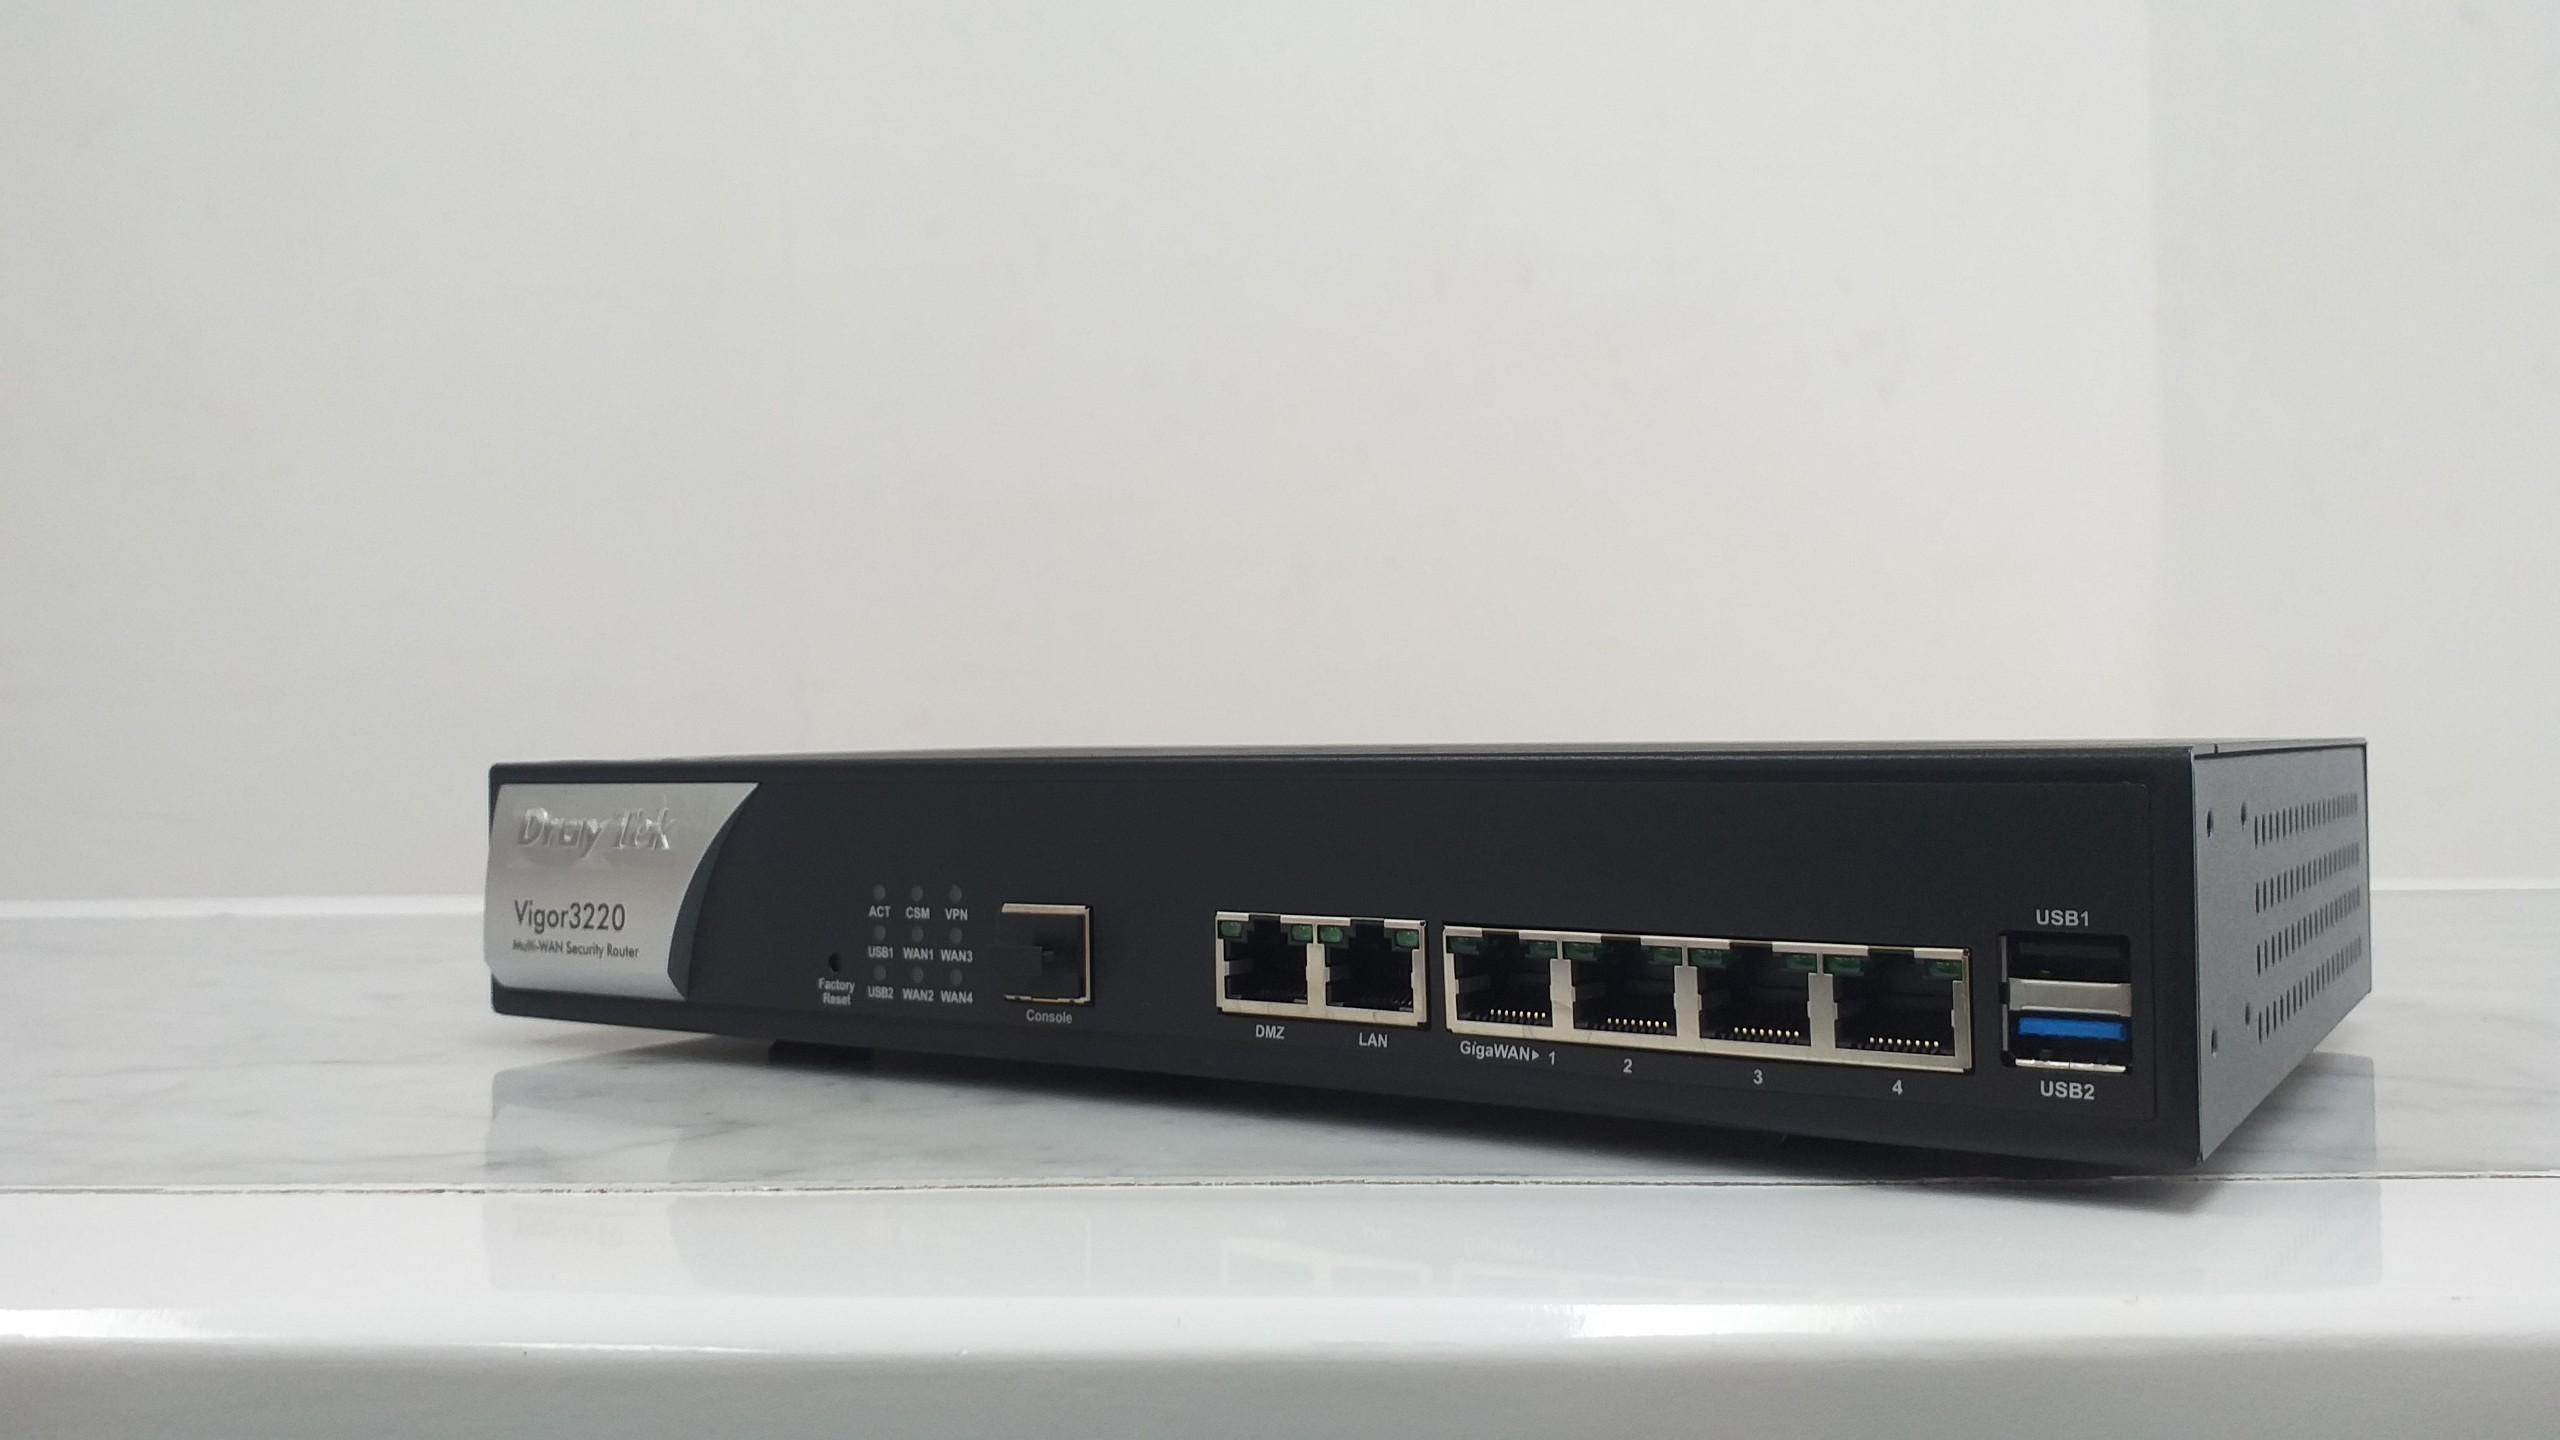 Router Draytek Vigor3220 - NetworkPro